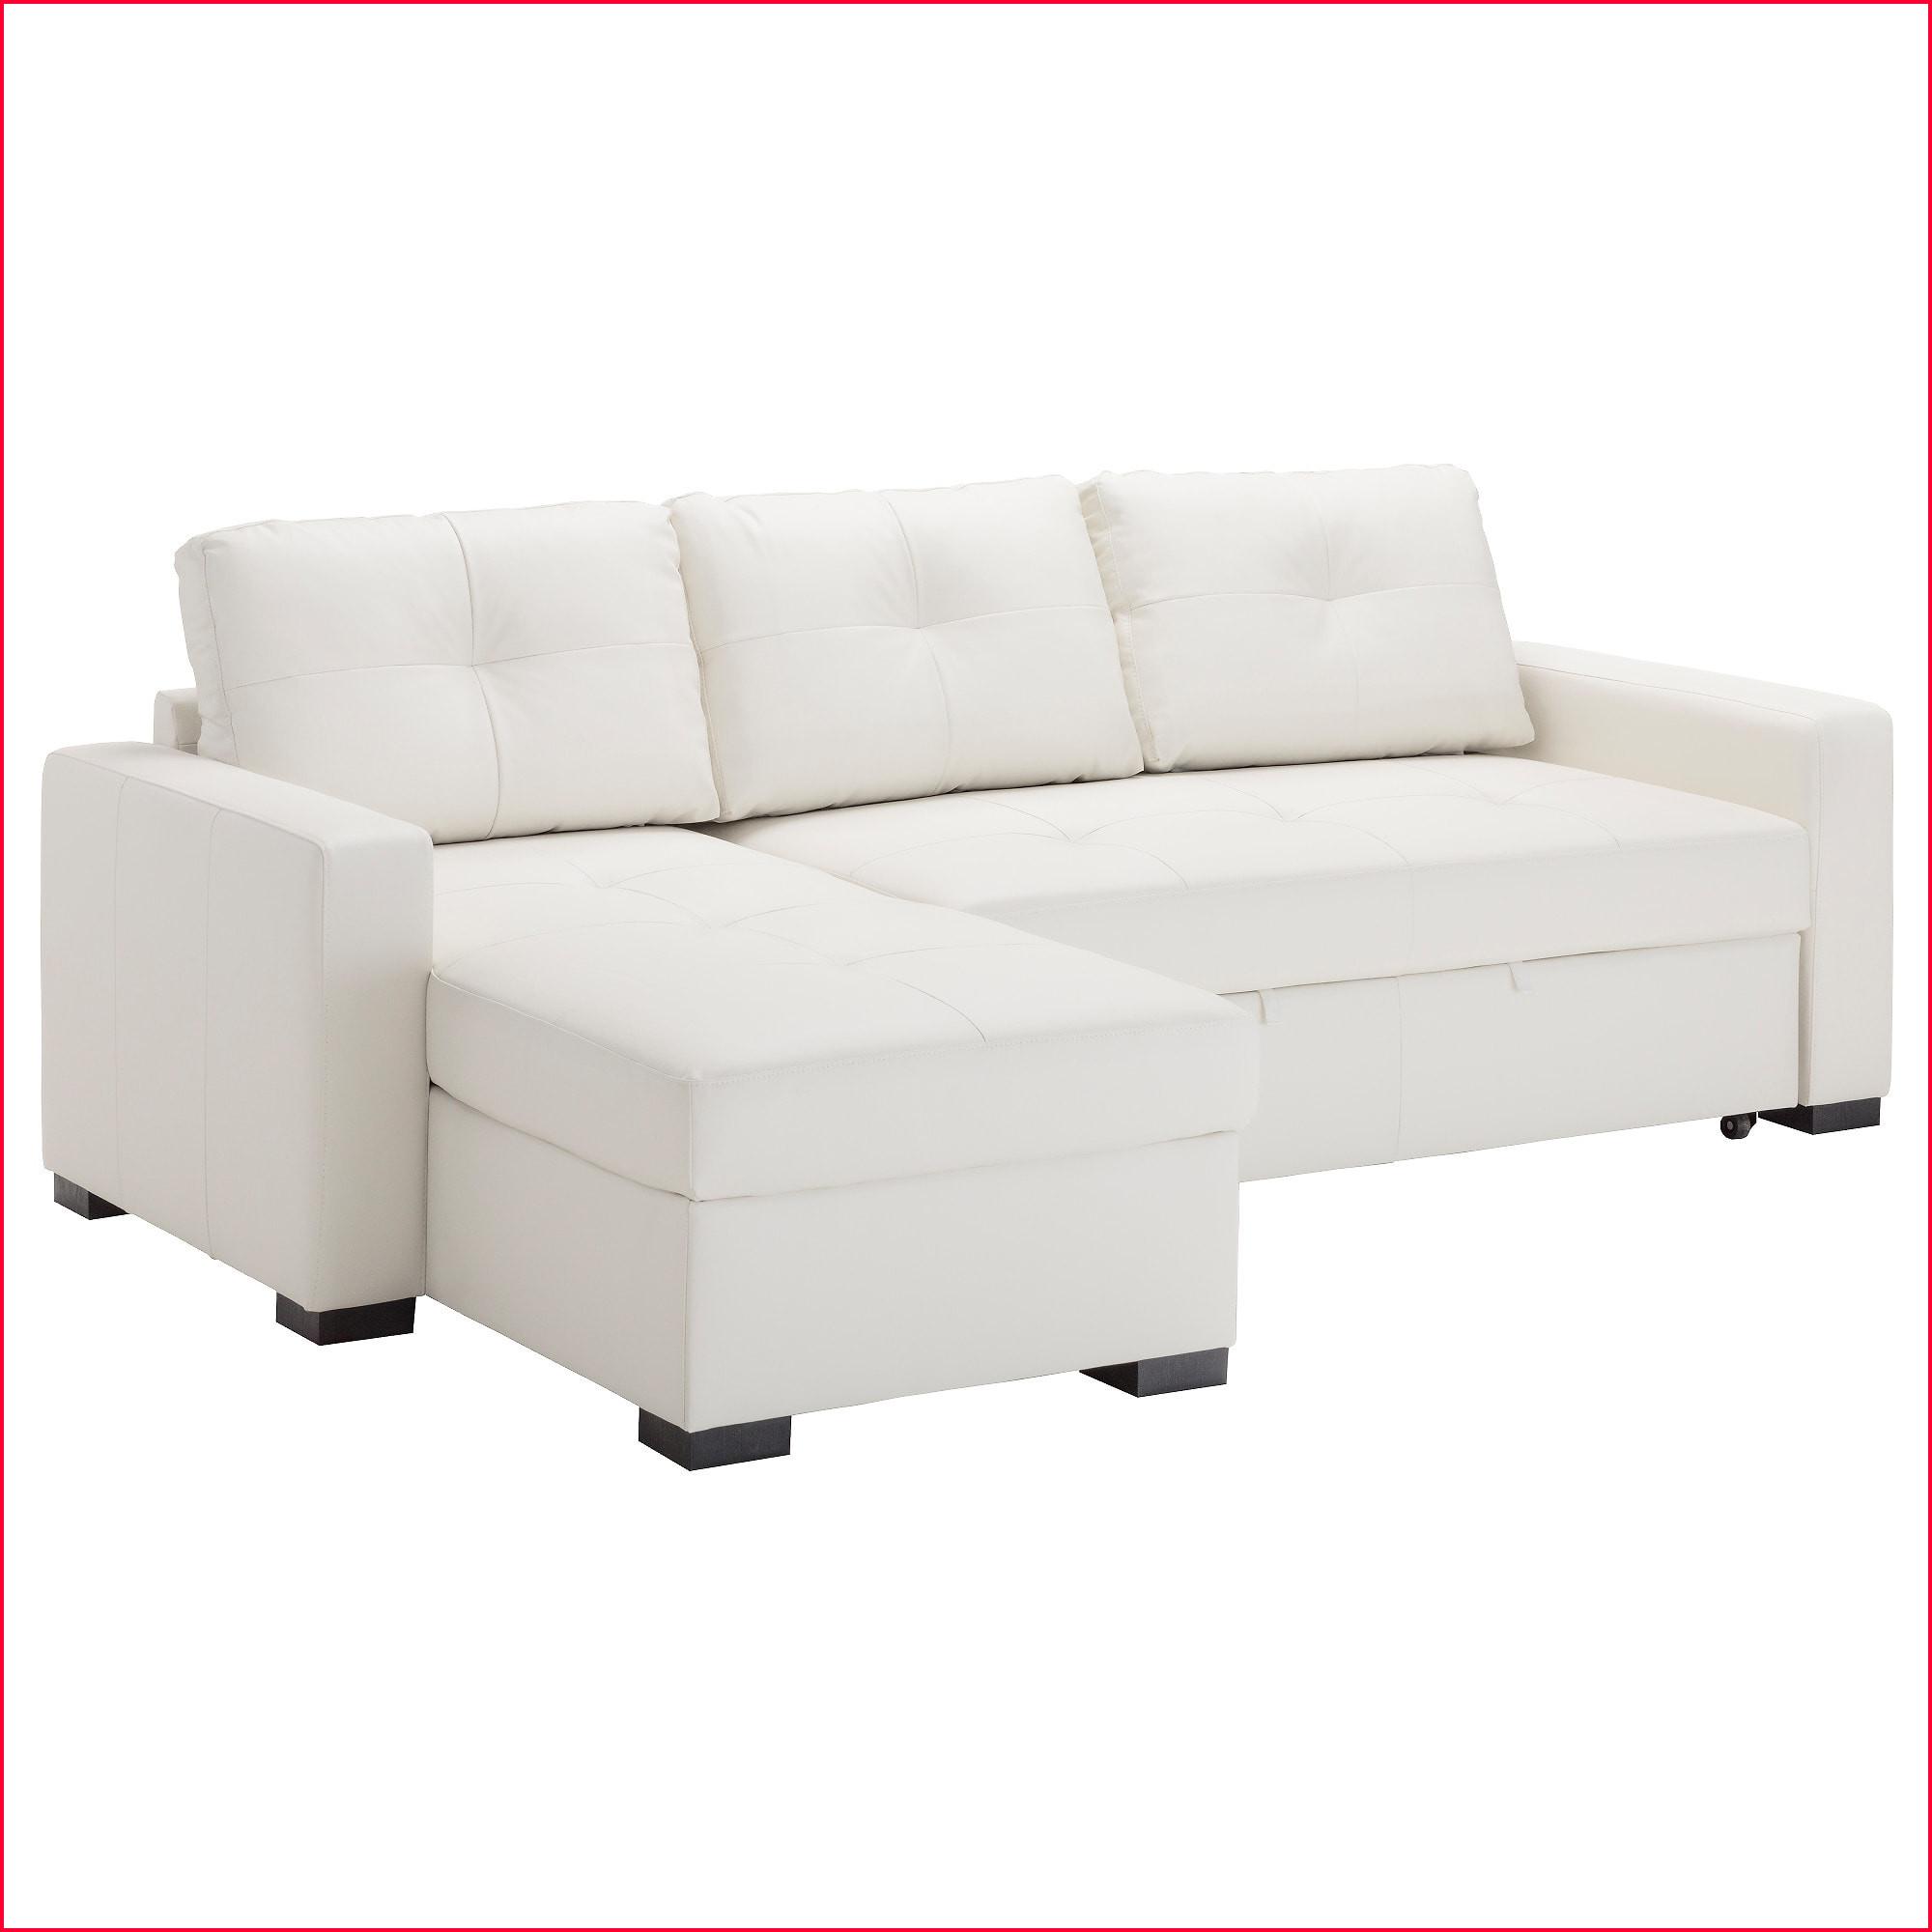 Sofa Esquinero Pequeño 9ddf Ikea sofa Cama Pequeño Home Inteior Inspiration